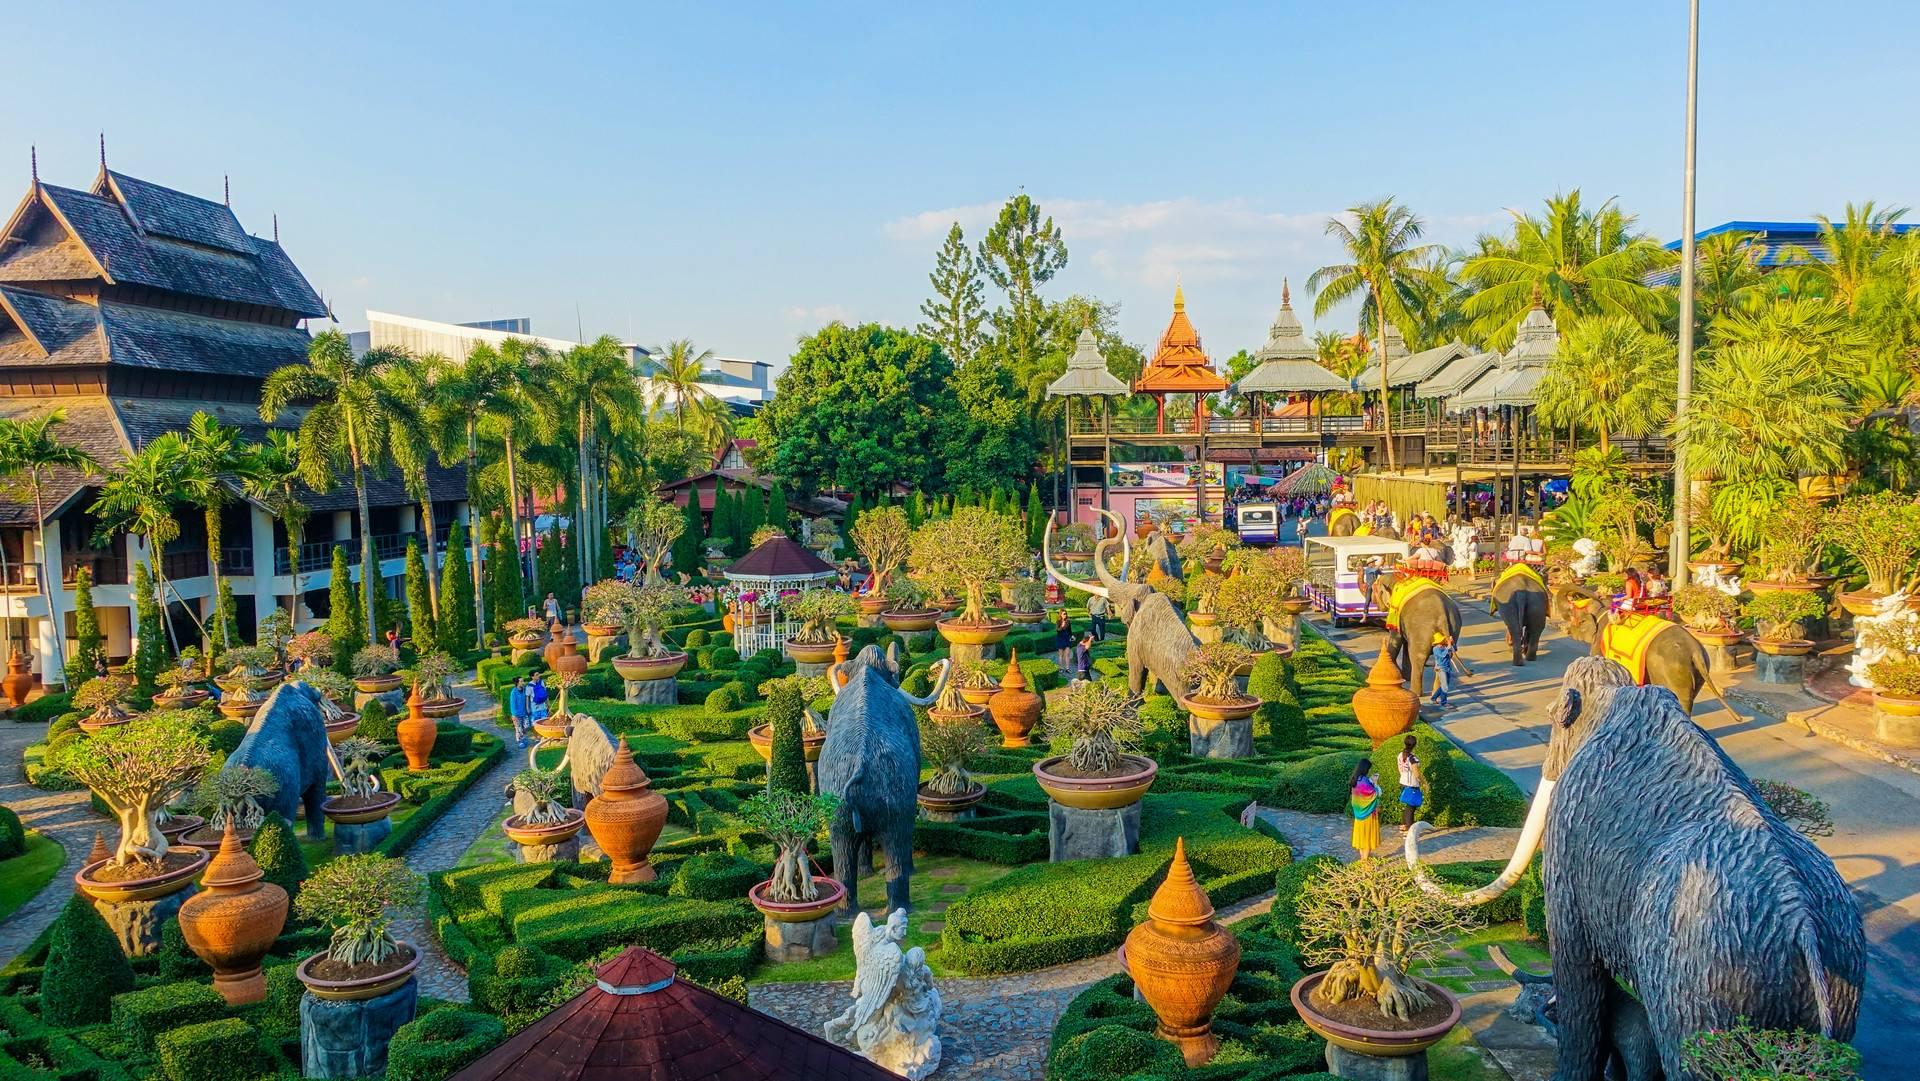 【泰至臻】泰国·曼谷+芭提雅+大皇宫+月光岛+游轮·6天5晚